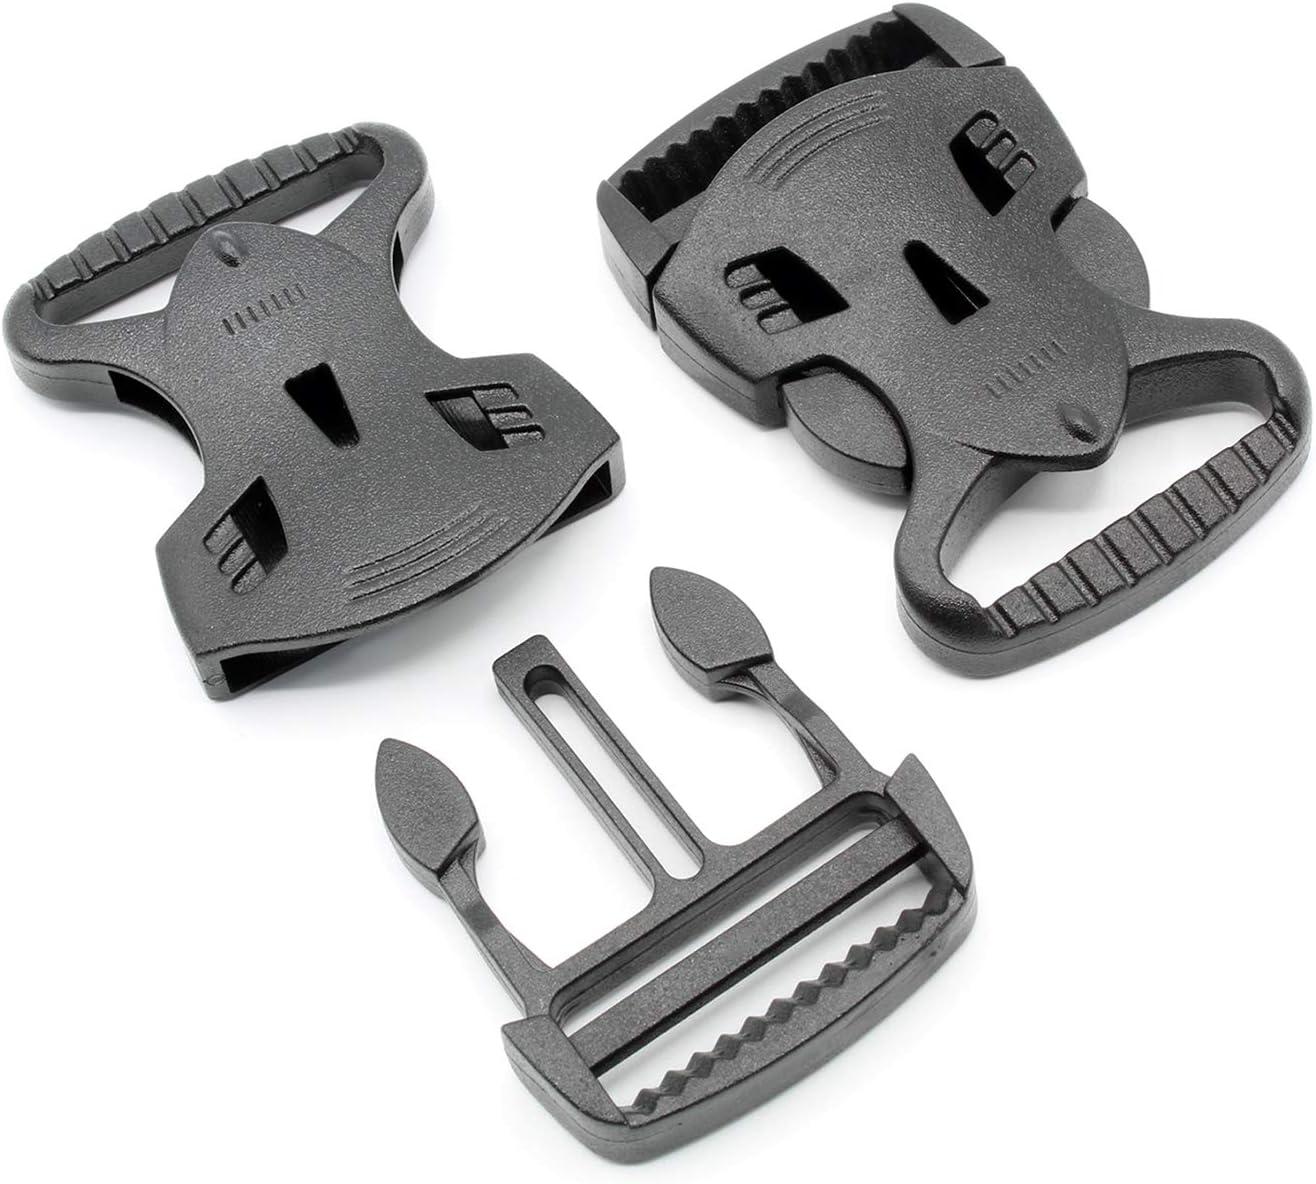 HEAVYTOOL/® Steckverschluss Klippverschluss Klickverschluss Steckschnalle 20mm Schwarz geradeBeast POM Acetal 10 St/ück